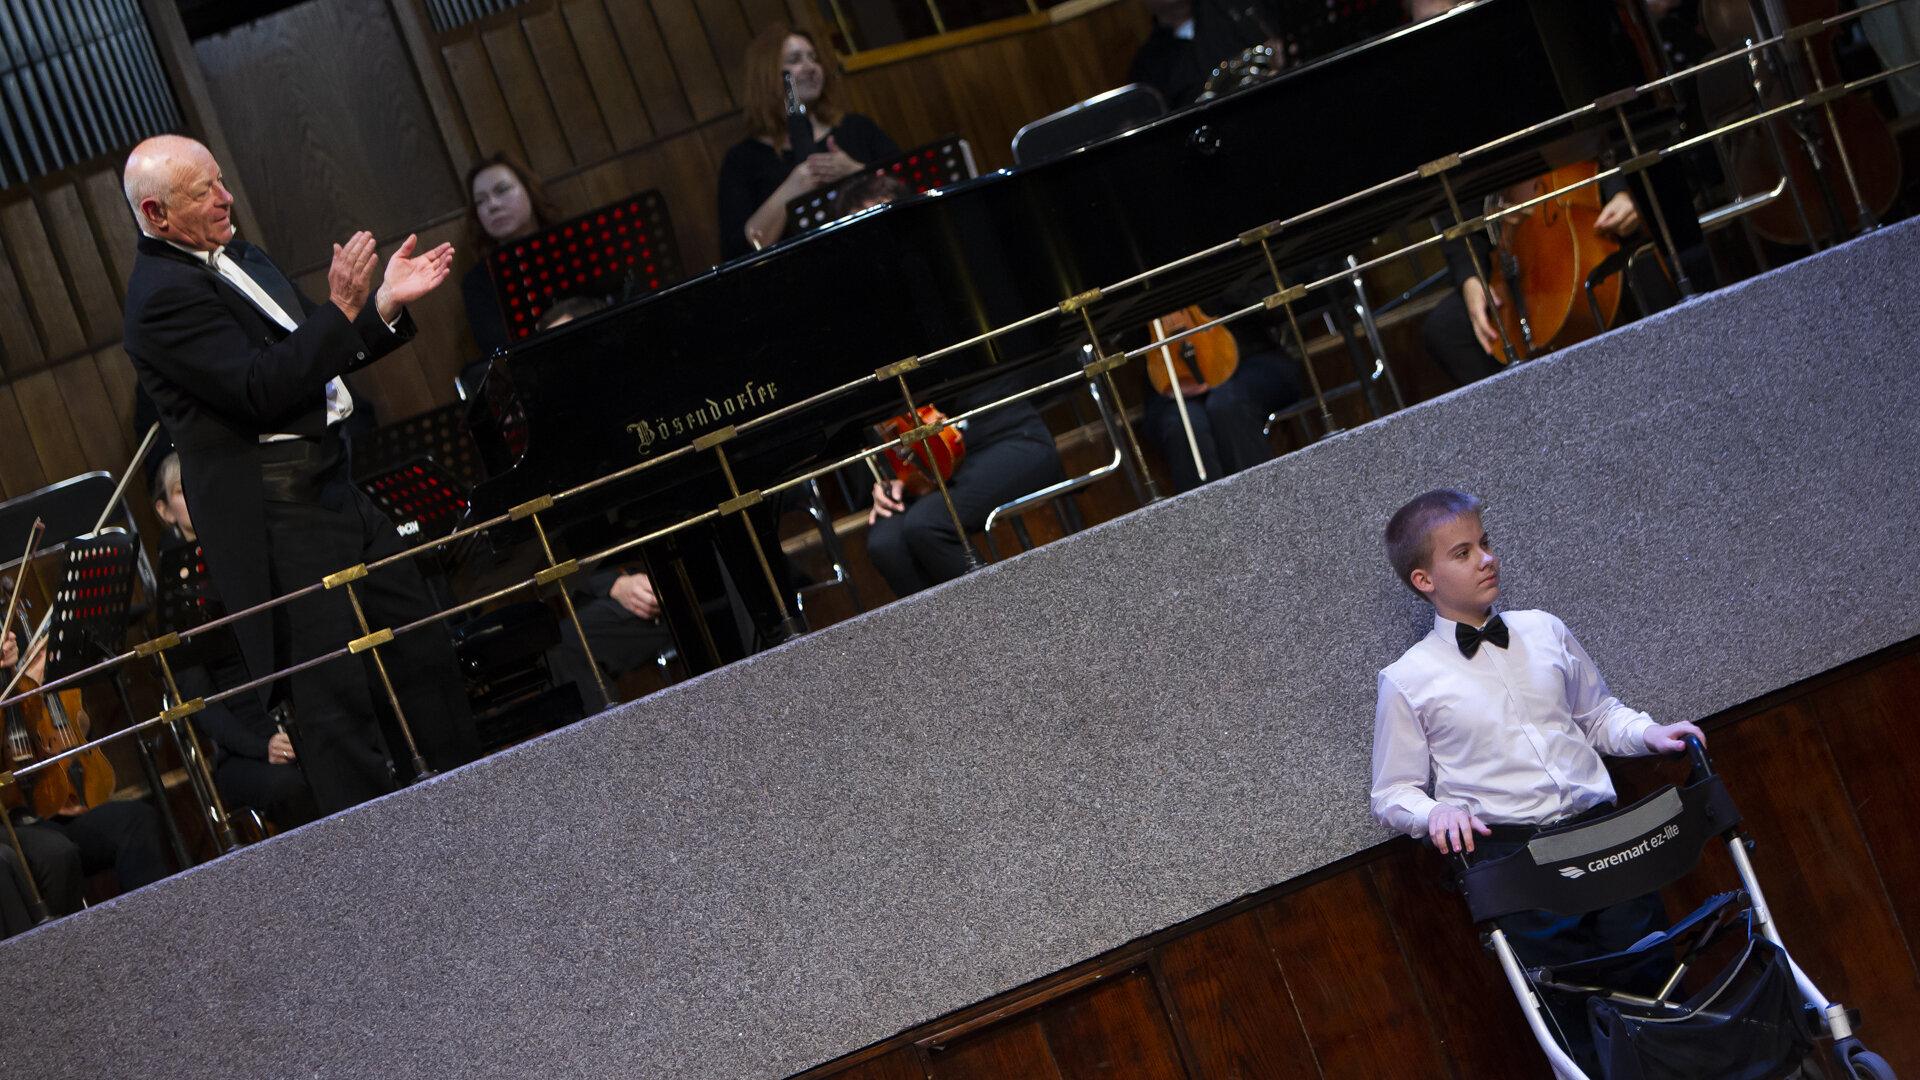 До мурашек: особенные дети заставили зрителей плакать и улыбаться, выступив с оркестром в Калининграде